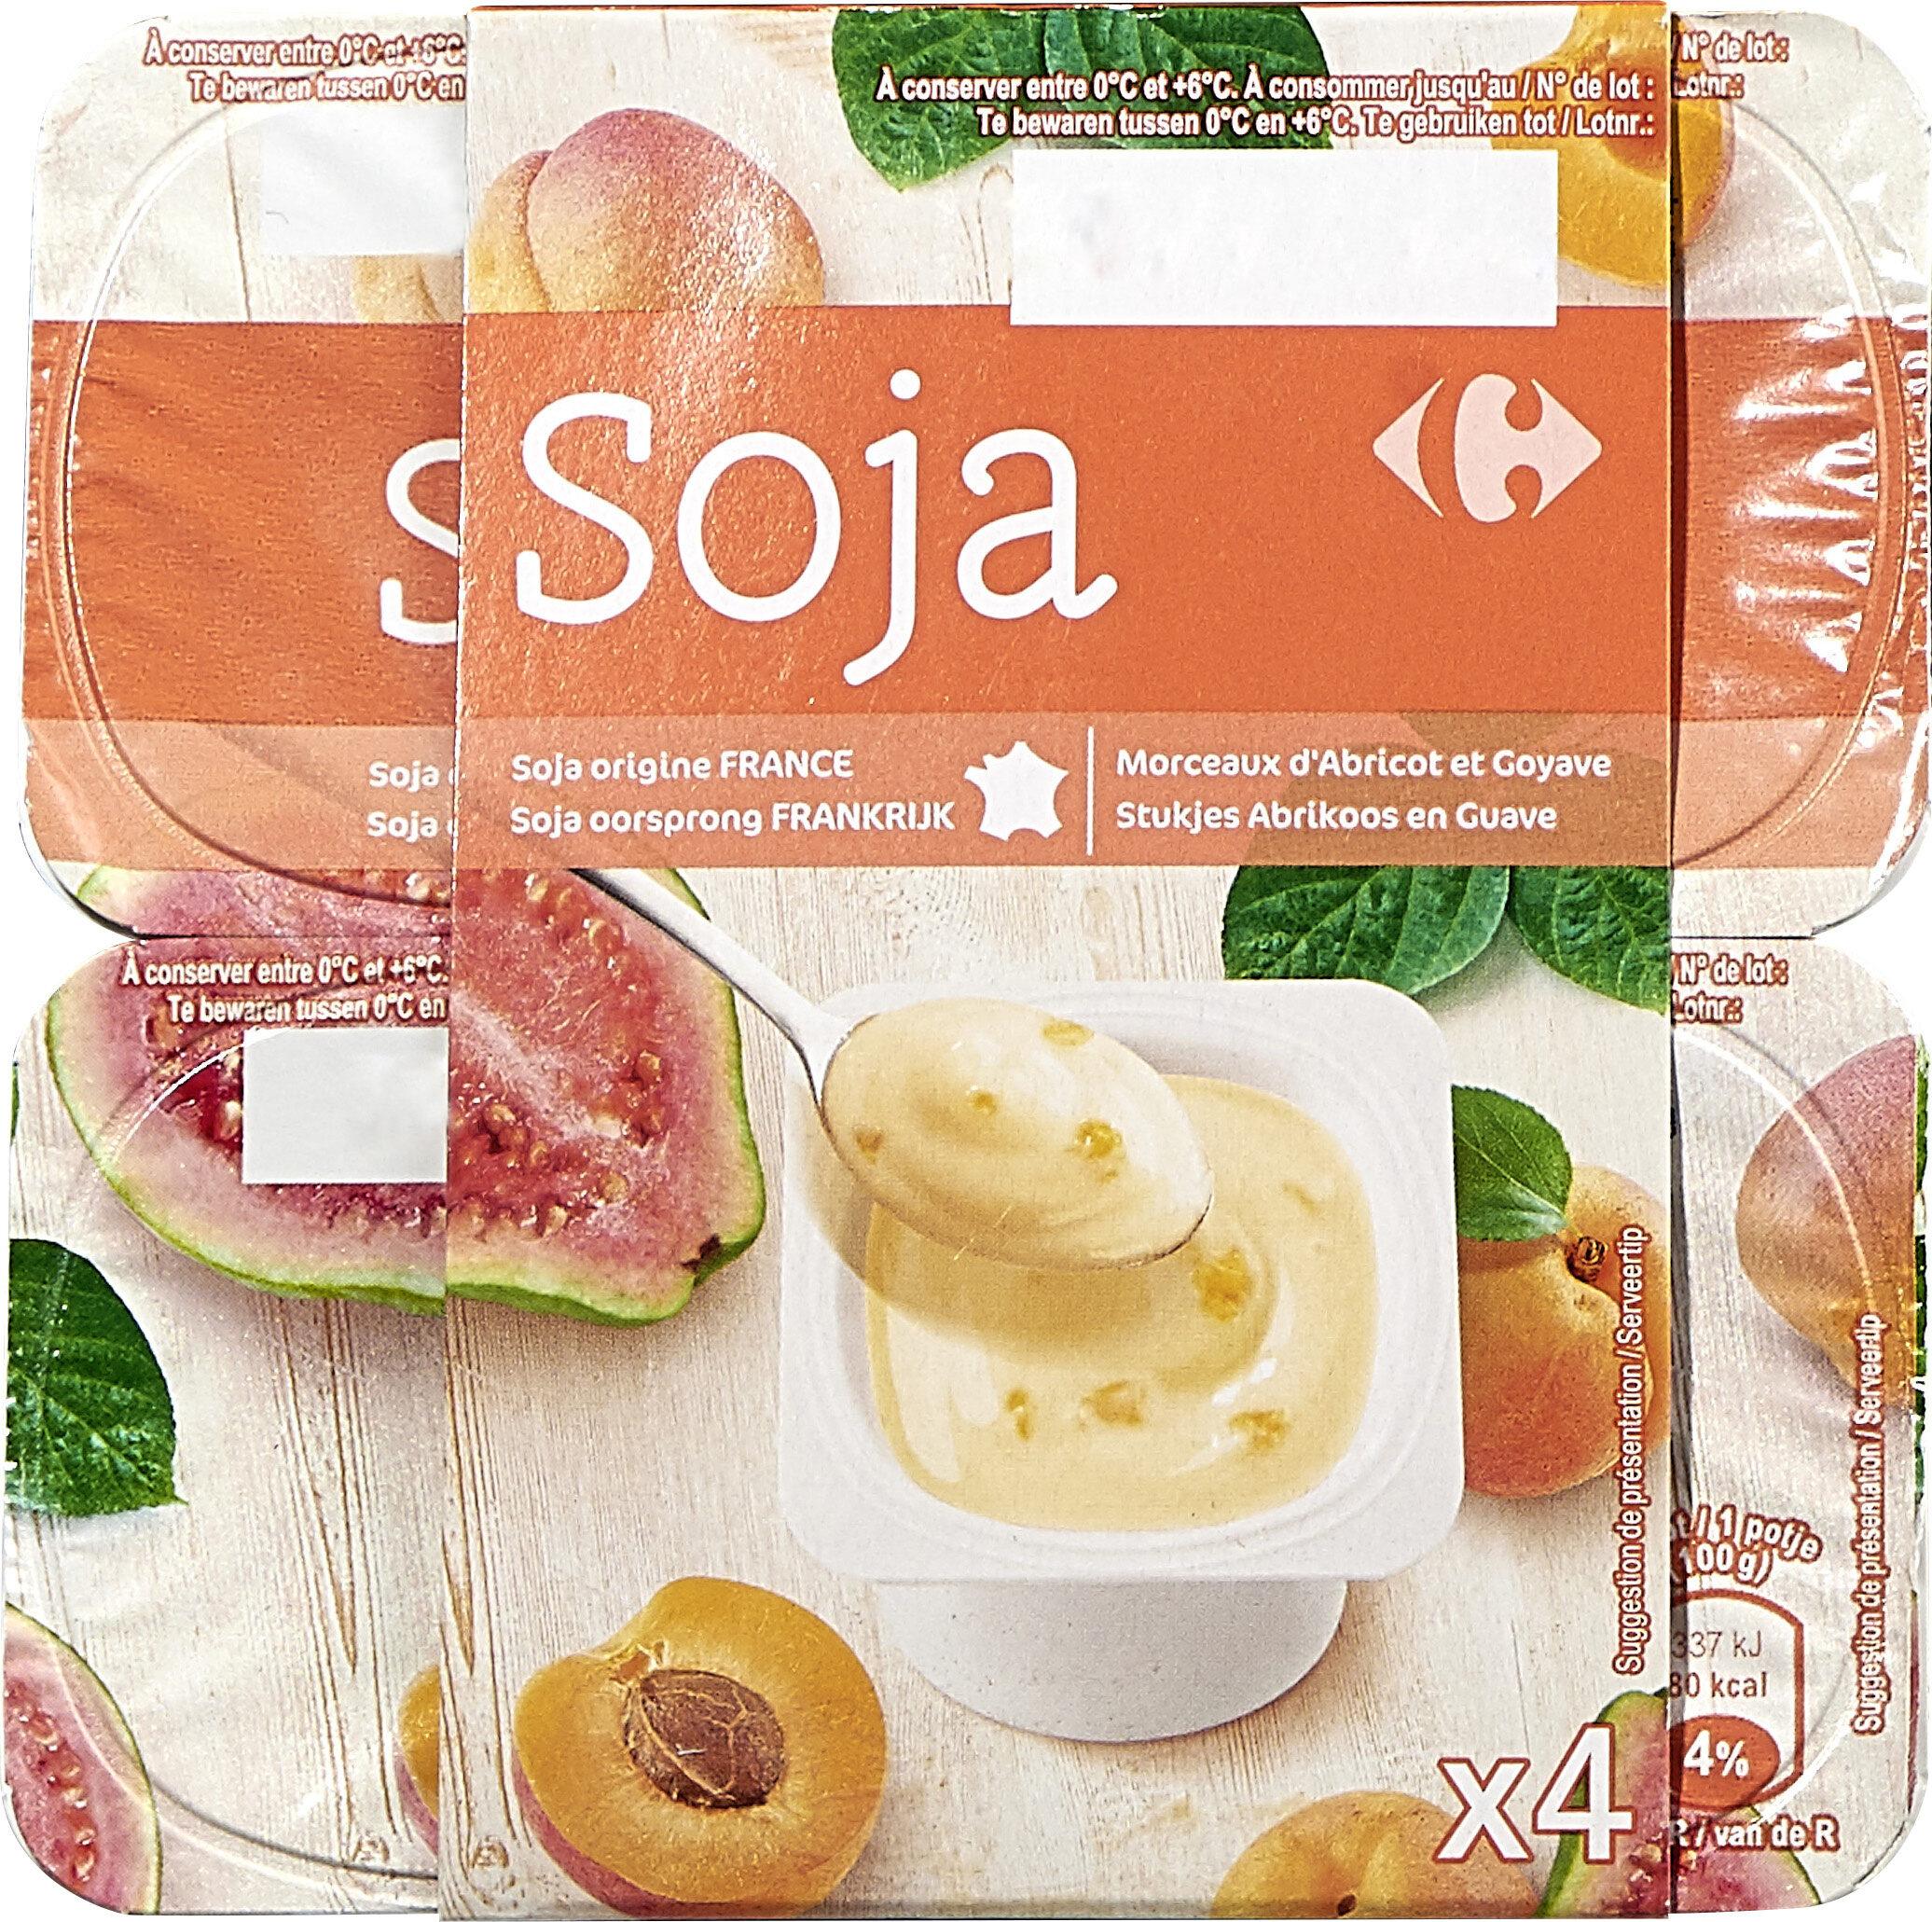 Yaourt soja abricot goyave - Prodotto - fr